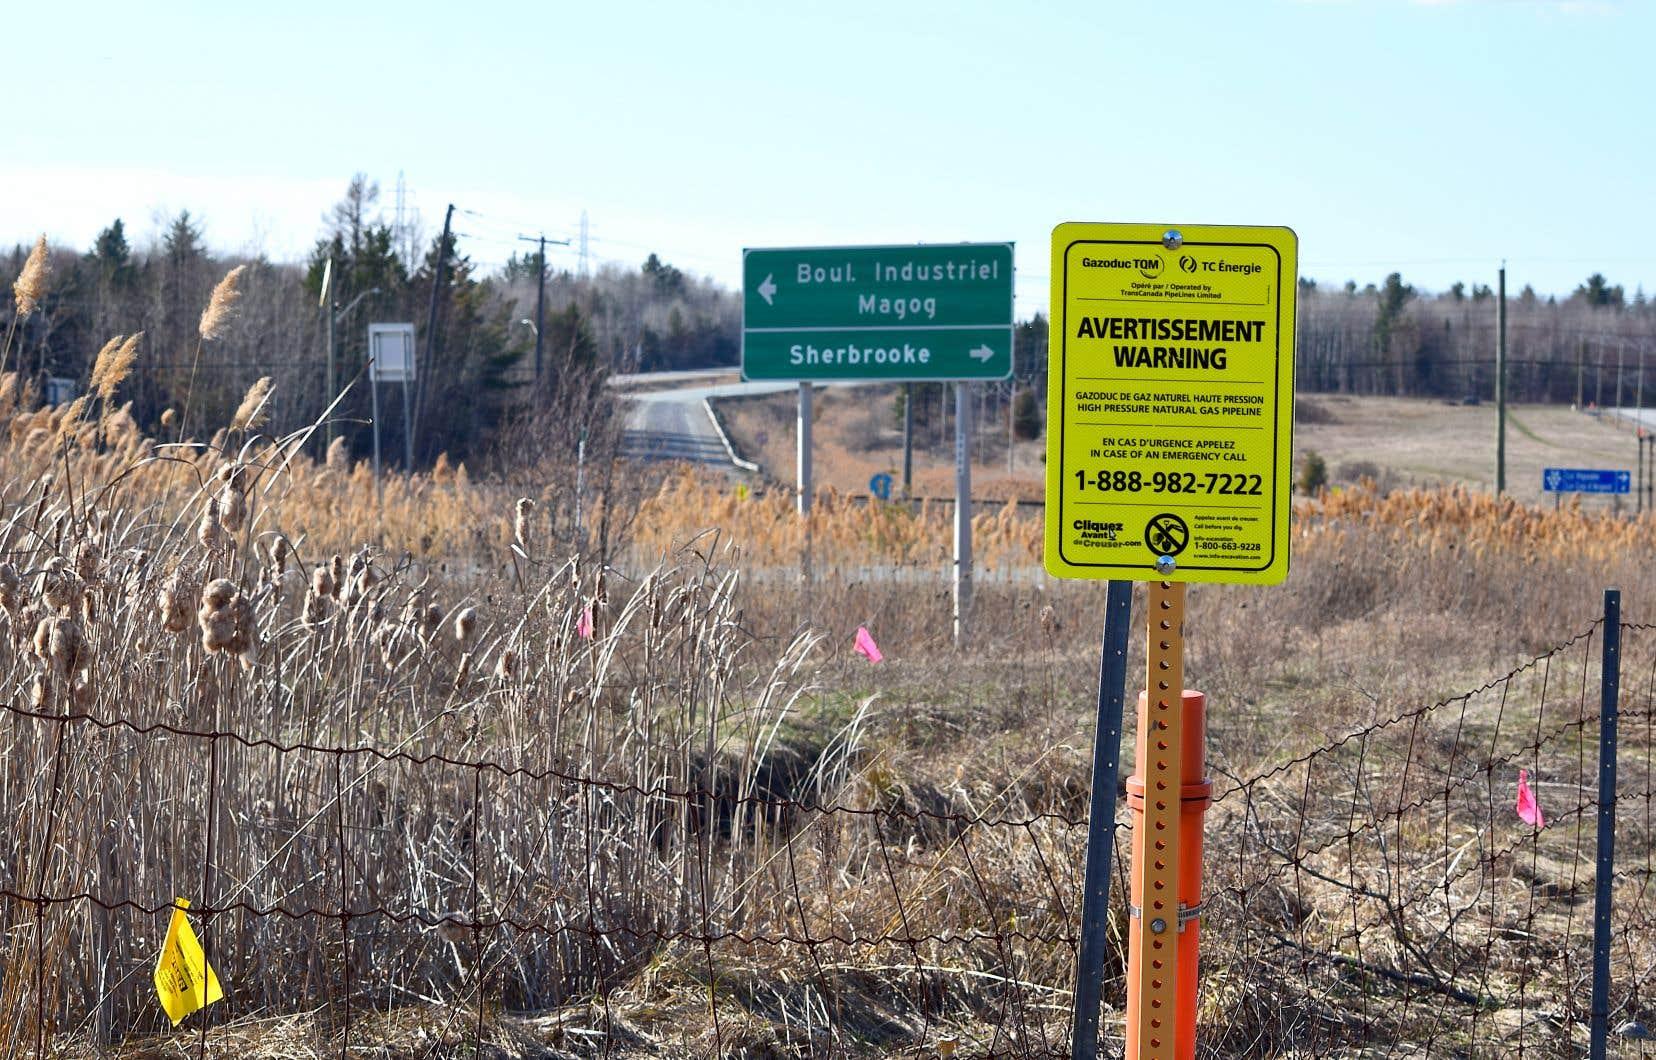 Puisque Pieridae Energy compte liquéfier du gaz albertain, le transport du gaz jusqu'à son usine de Nouvelle-Écosse nécessiterait l'utilisation du réseau de gazoducs Trans Québec et Maritimes. Il transiterait donc par un gazoduc qui traverse l'est de l'île de Montréal, puis une partie de la Montérégie et de l'Estrie, avant de franchir la frontière américaine.